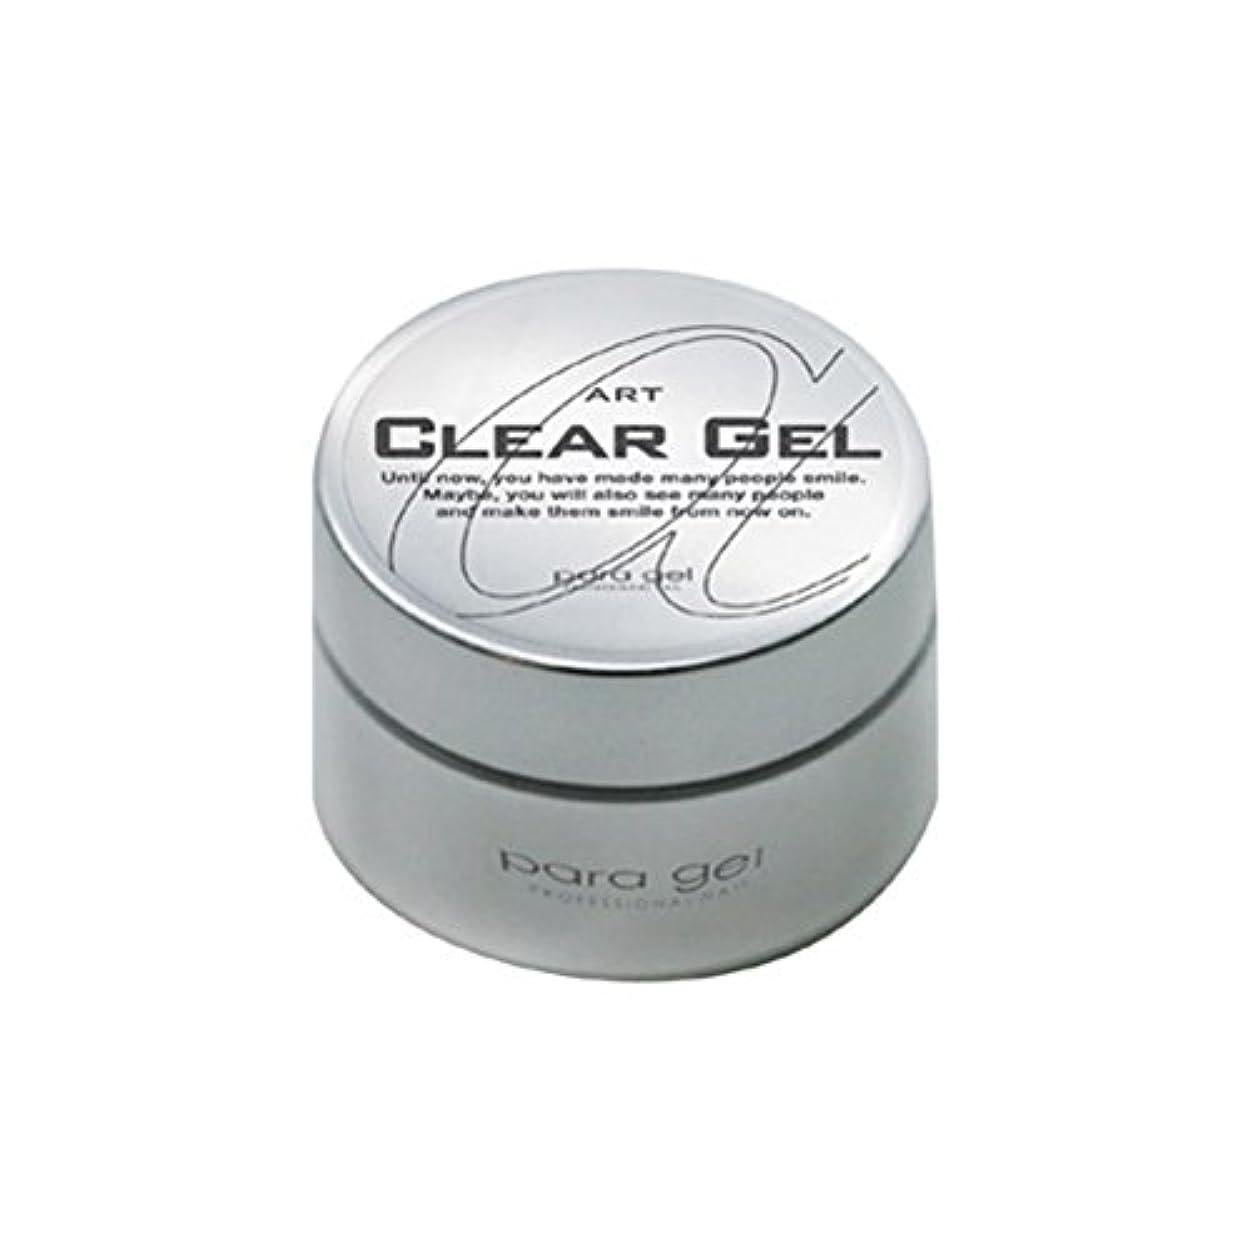 大理石その間無線para gel アートクリアジェル 10g サンディング不要のベースジェル